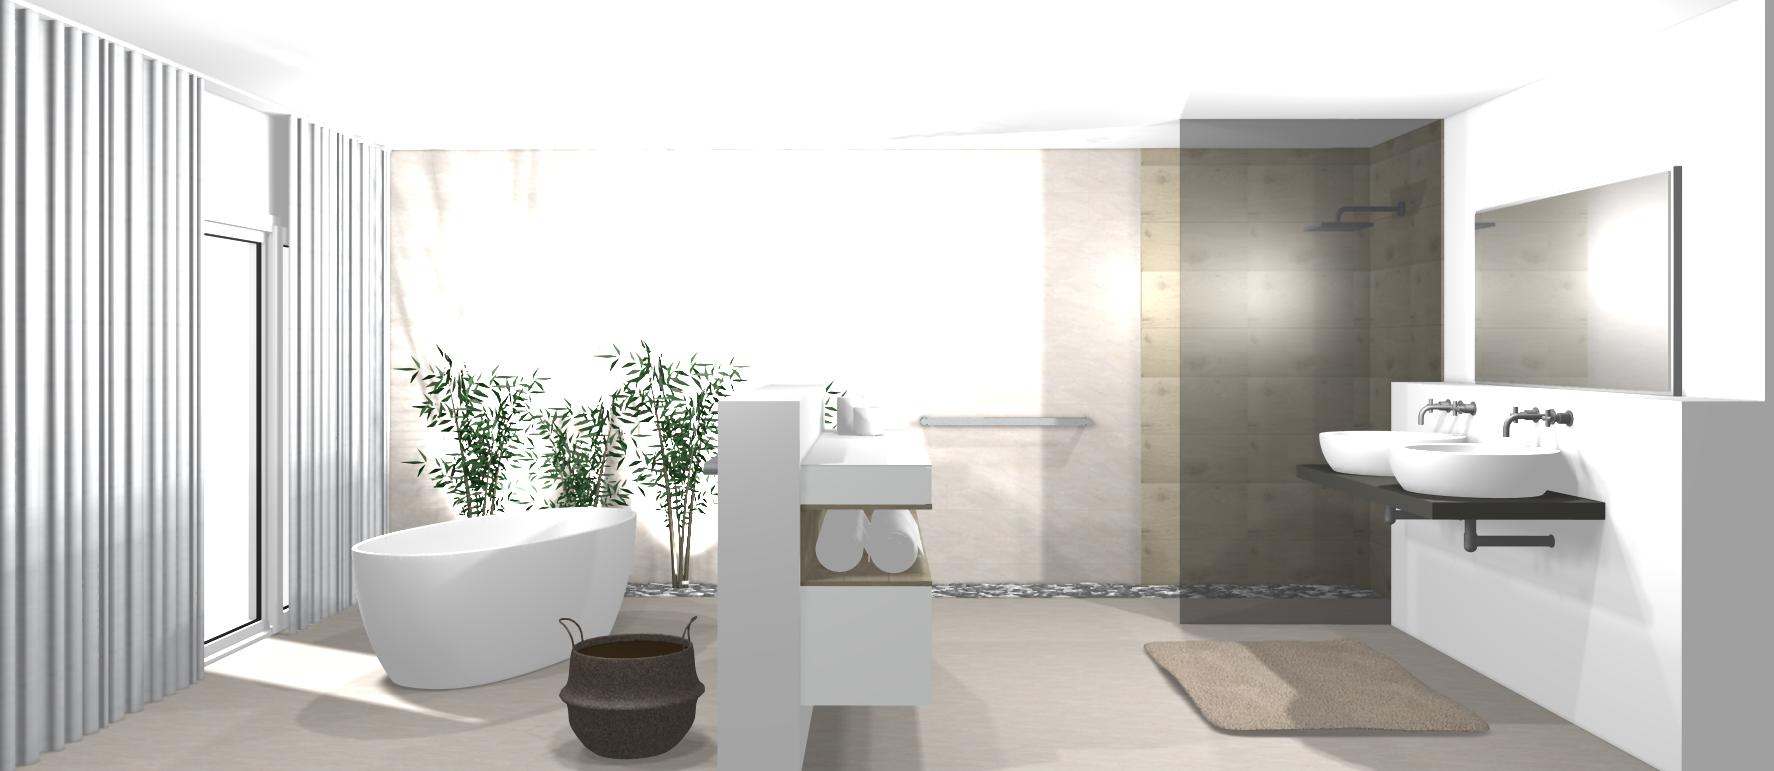 Dusche bilder ideen couchstyle for Badezimmer ideen mit badewanne